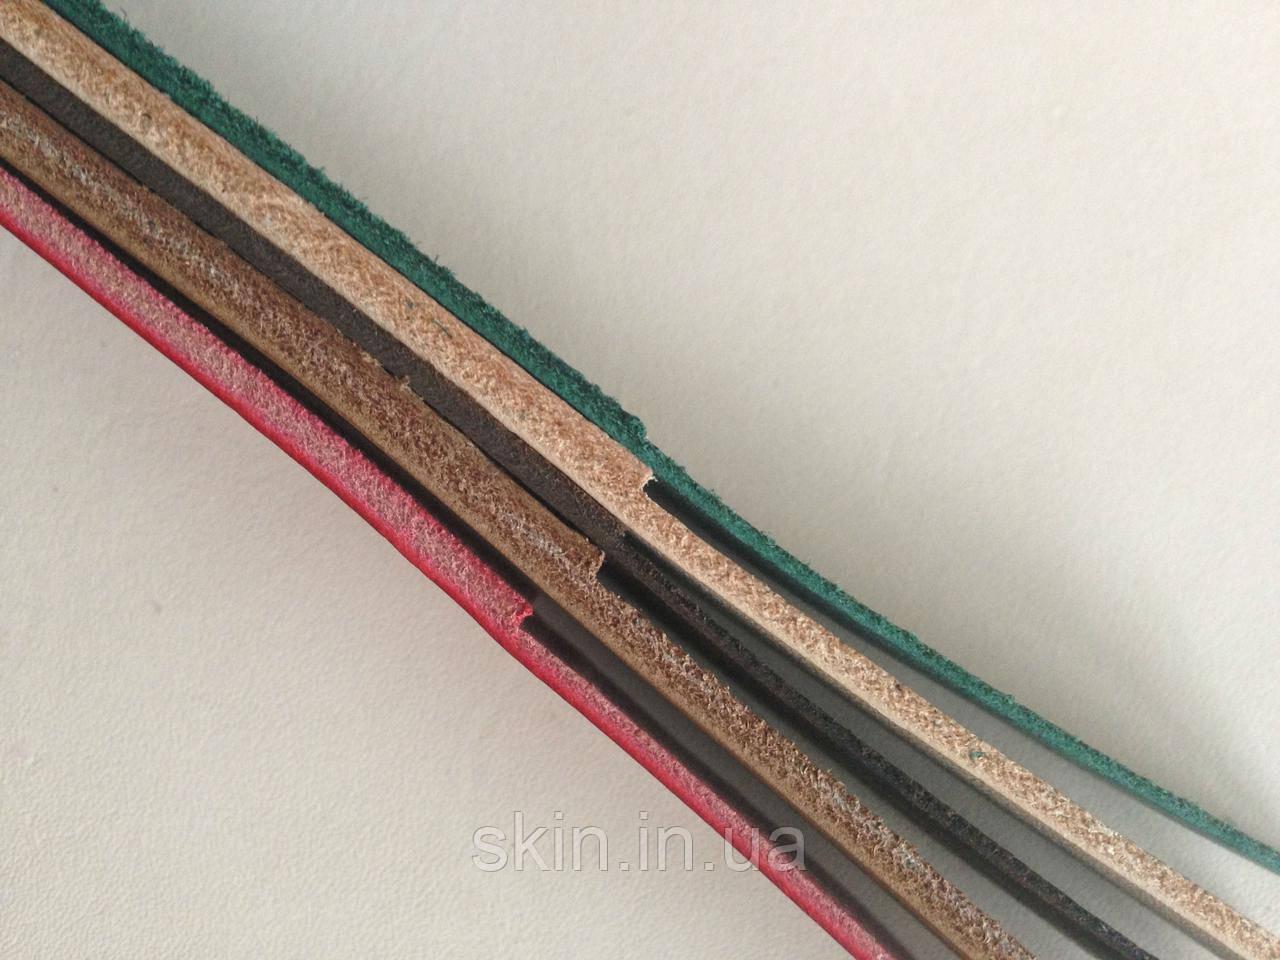 Услуга утоньшения (двоения) полос кожи, максимальная ширина полосы 8 см., арт. СКУ 9029